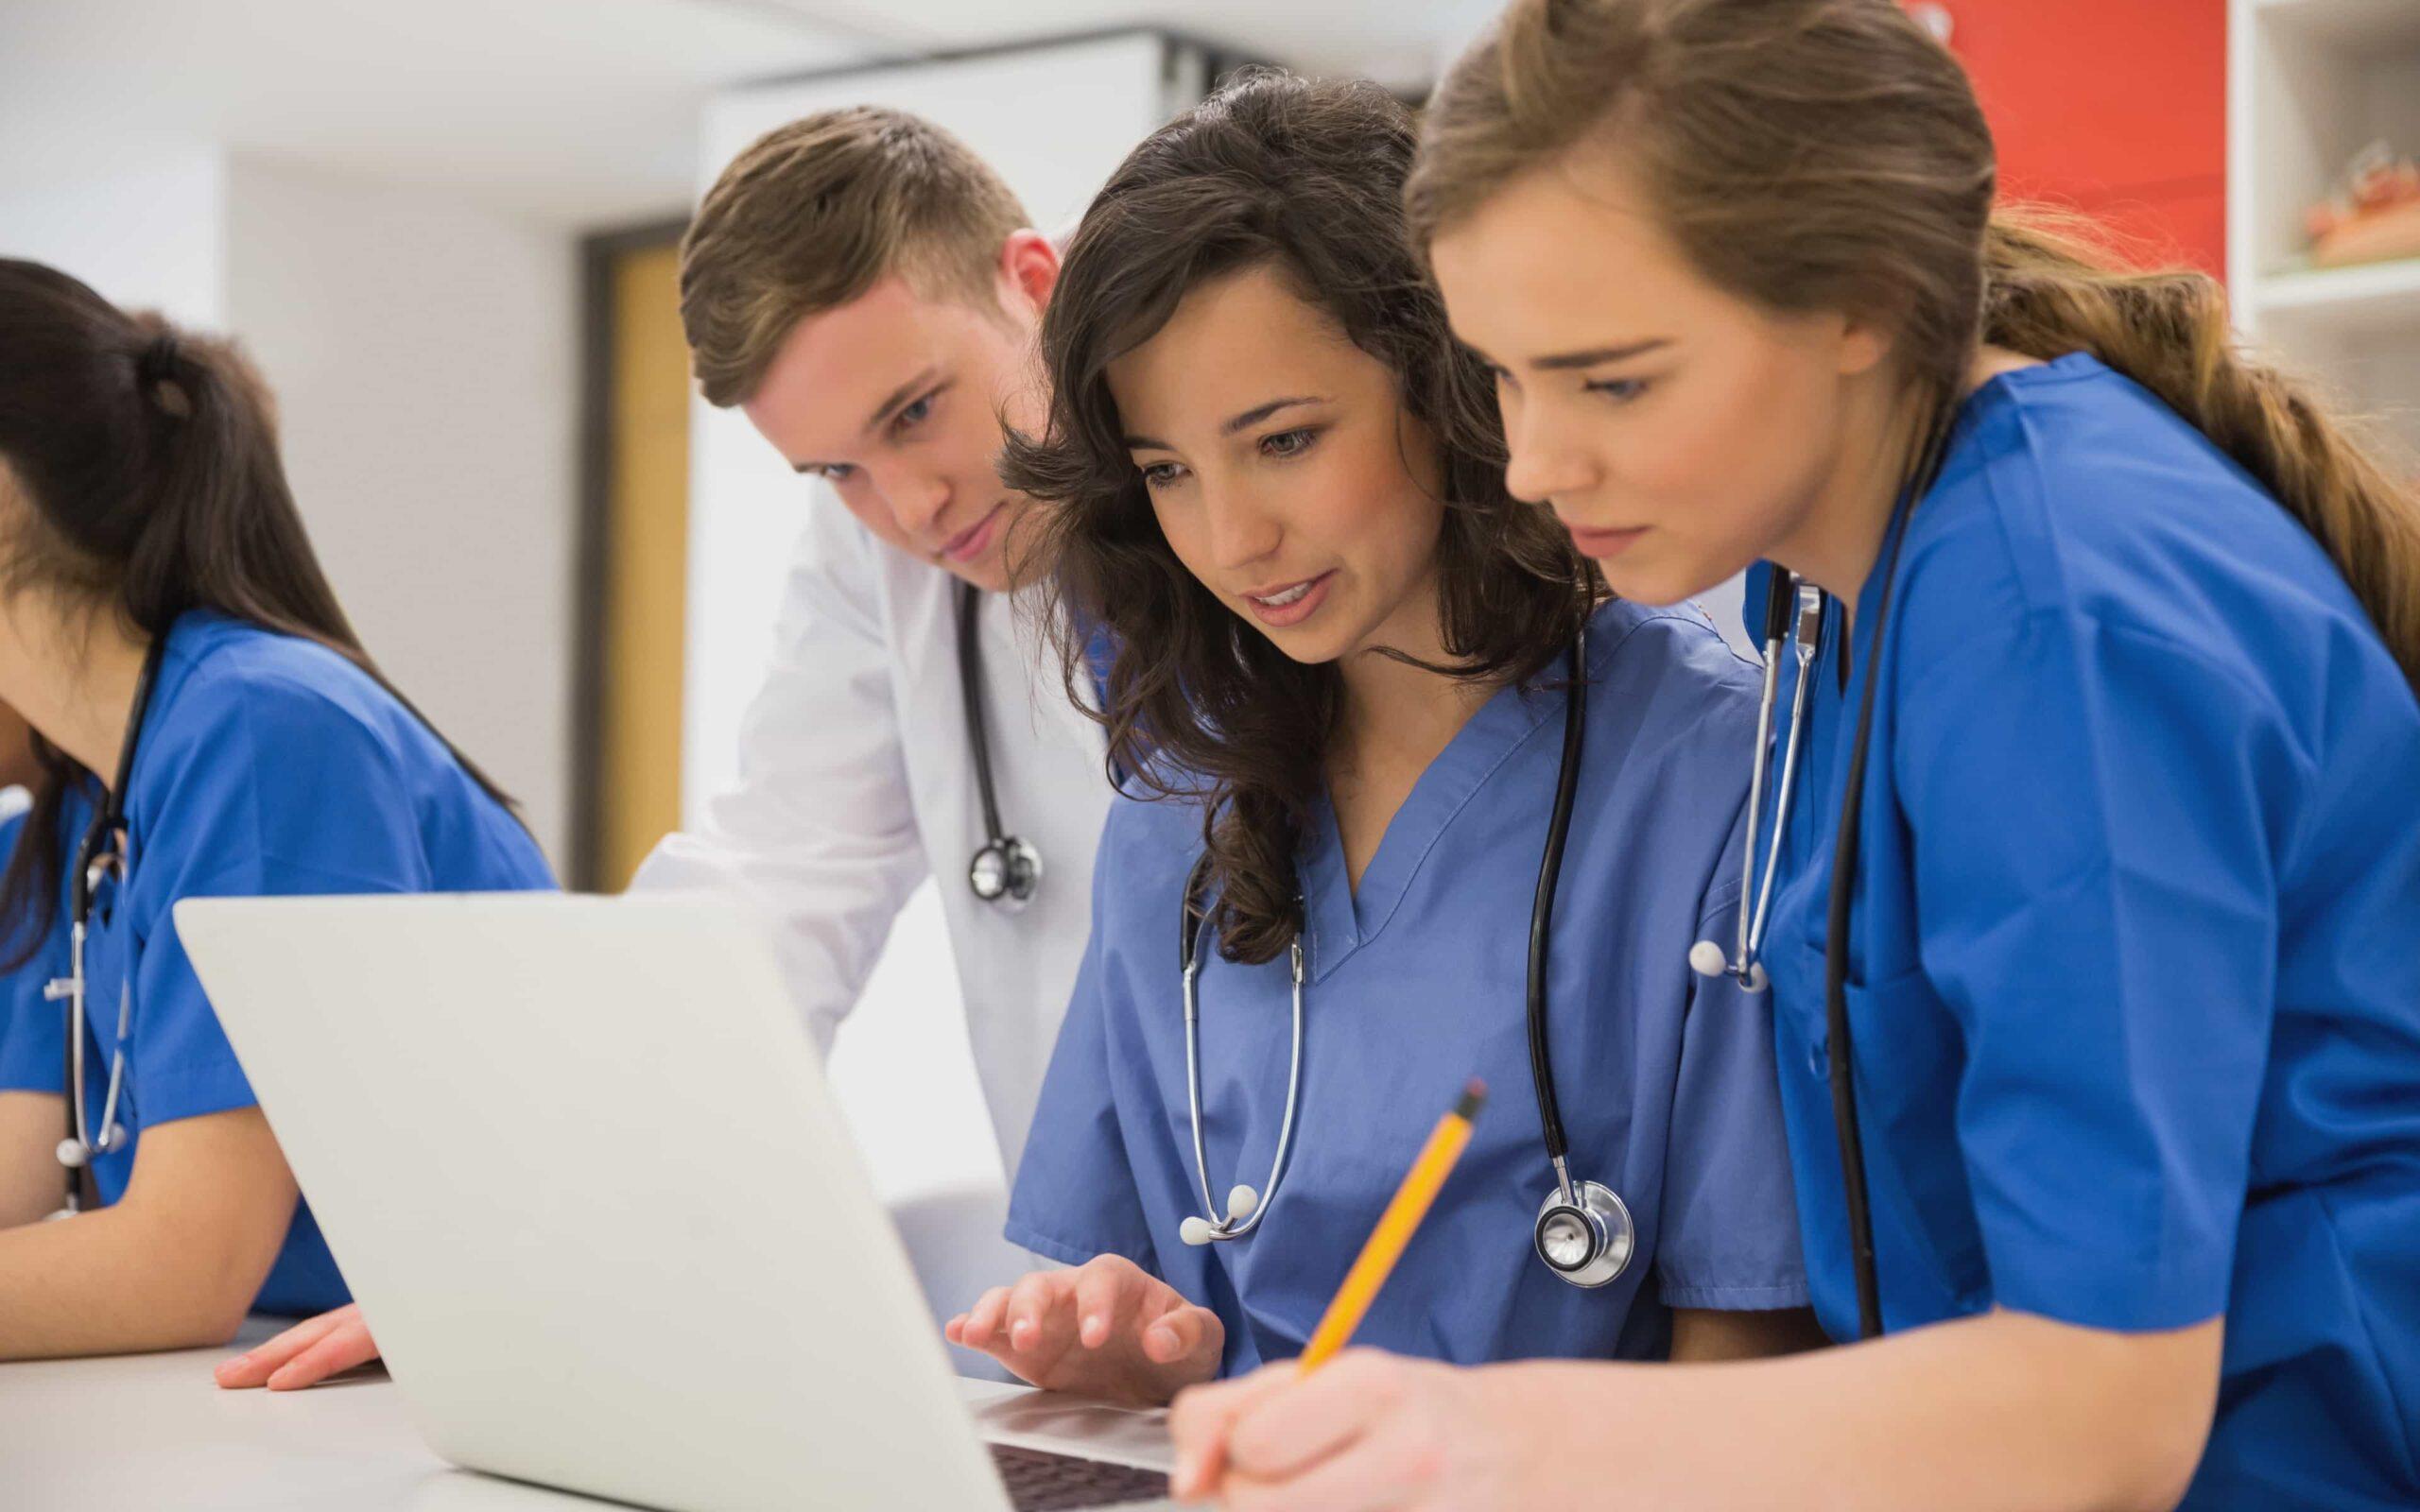 Μειώνονται σταδιακά οι ανισότητες των φύλων στην ιατρική σταδιοδρομία